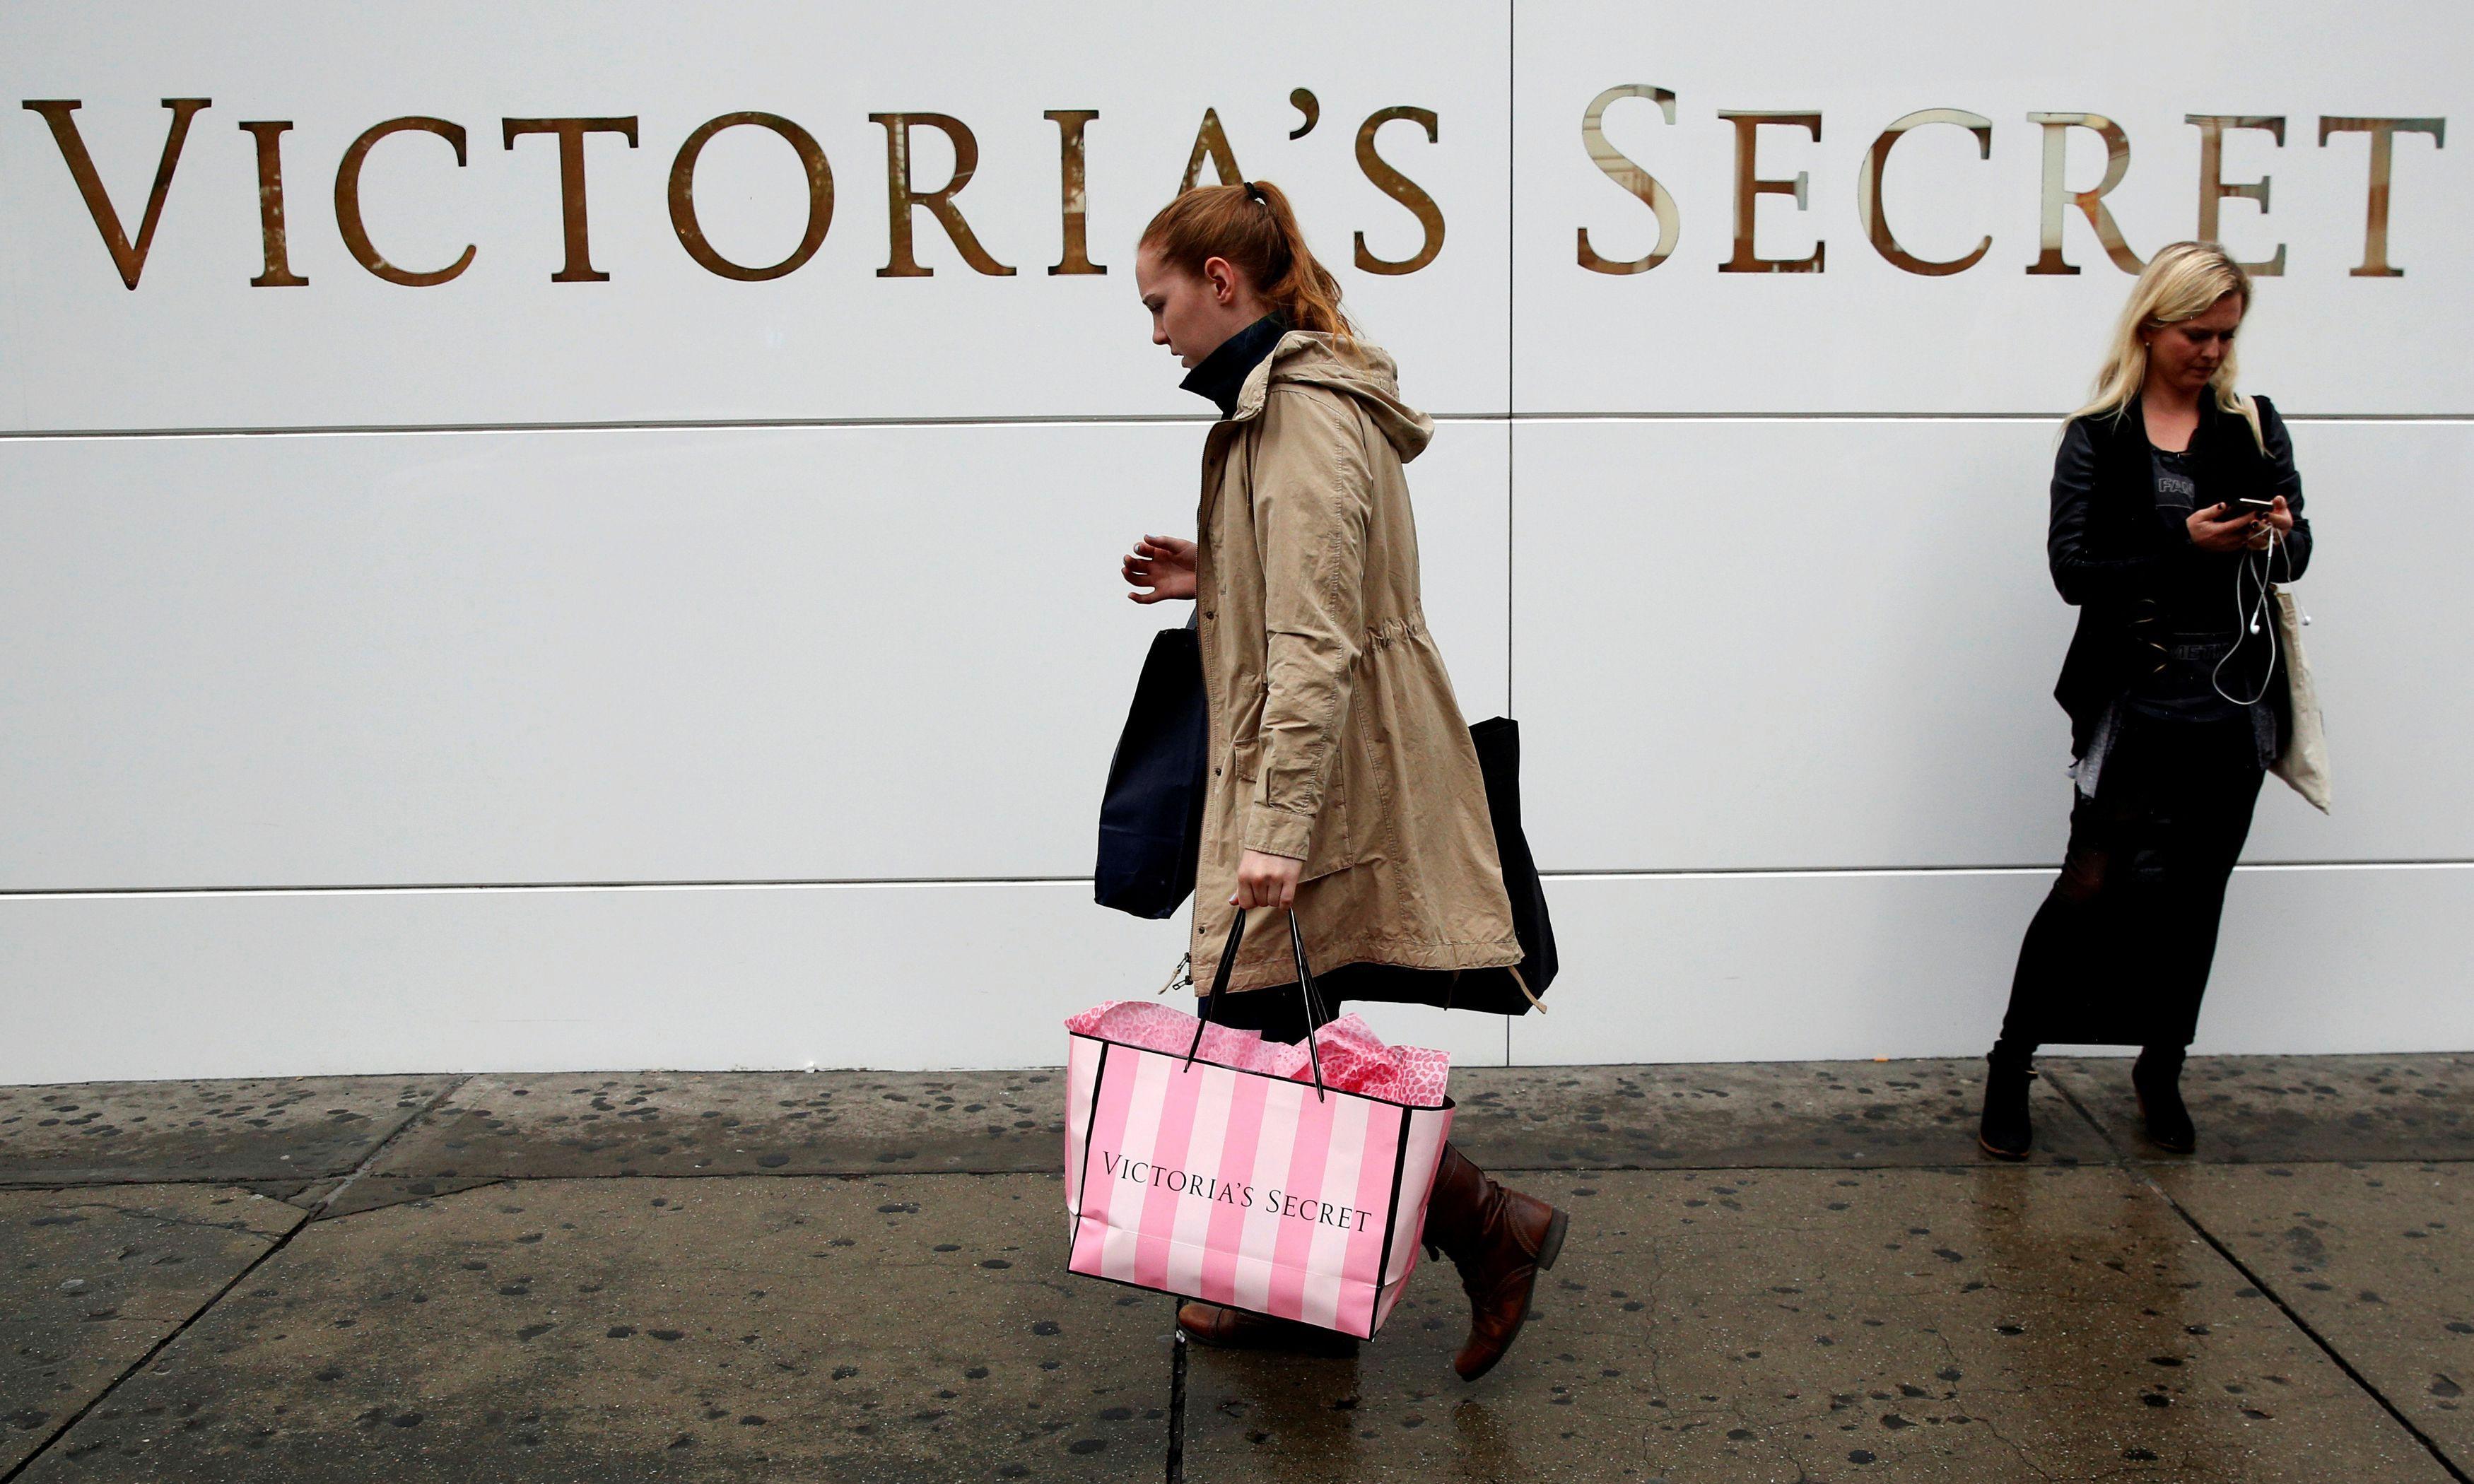 Les Wexner sells control of Victoria's Secret amid declining sales